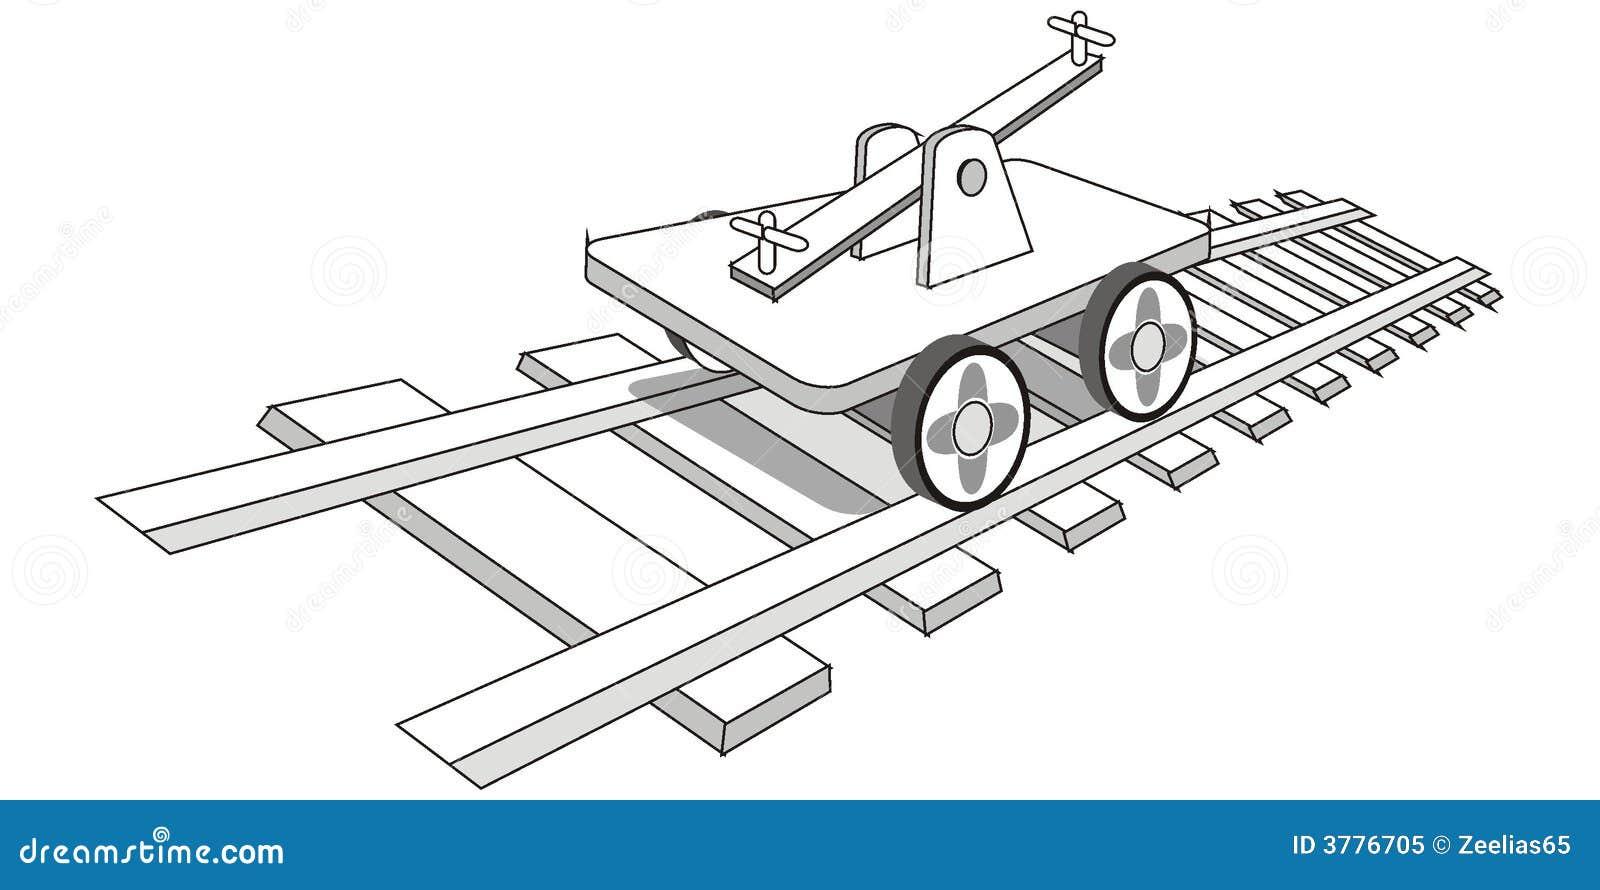 lexus hitch wiring harness  lexus  auto wiring diagram